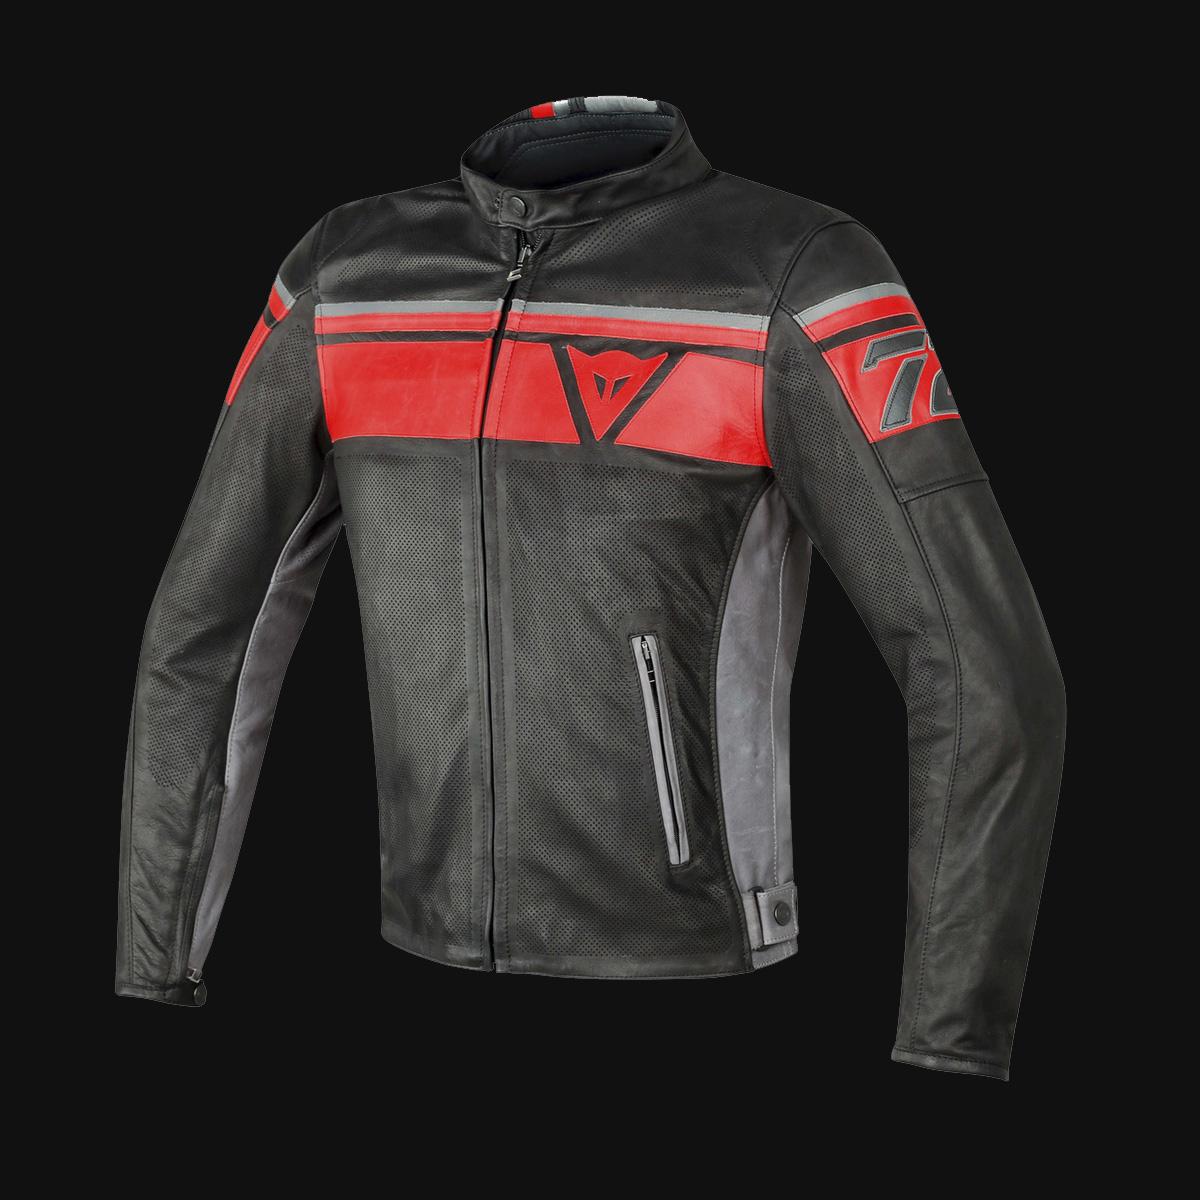 Blackjack-Perforated-Leather-Jacket-3